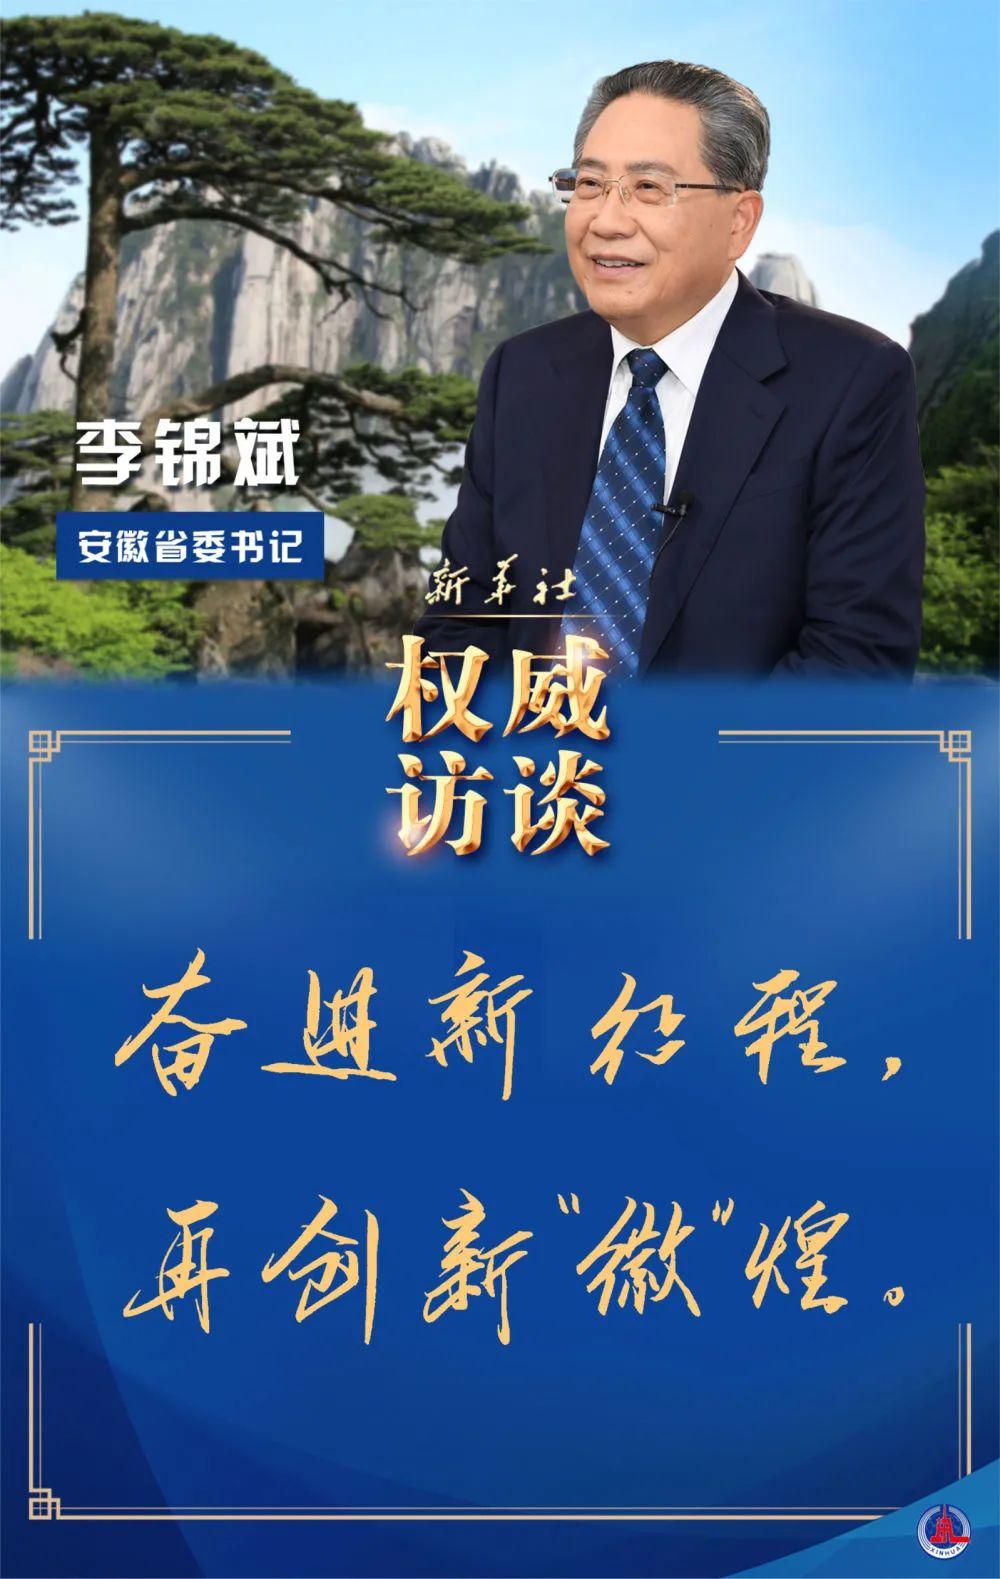 安徽省委书记李锦斌接受央媒专访